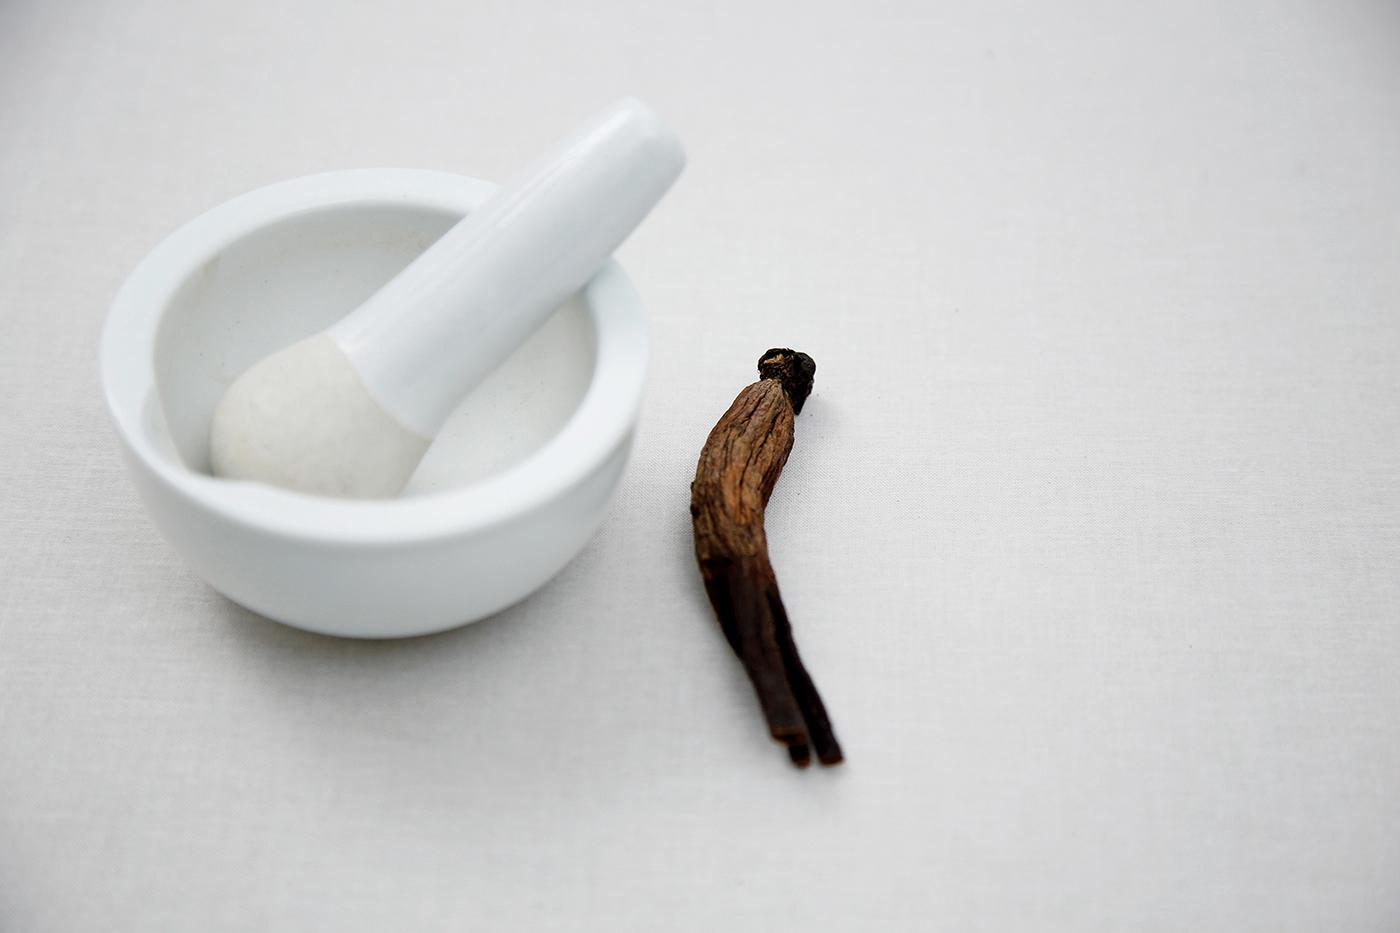 홍삼농축액 귀작/홍삼농축액 귀작 250g/1병   상세이미지2